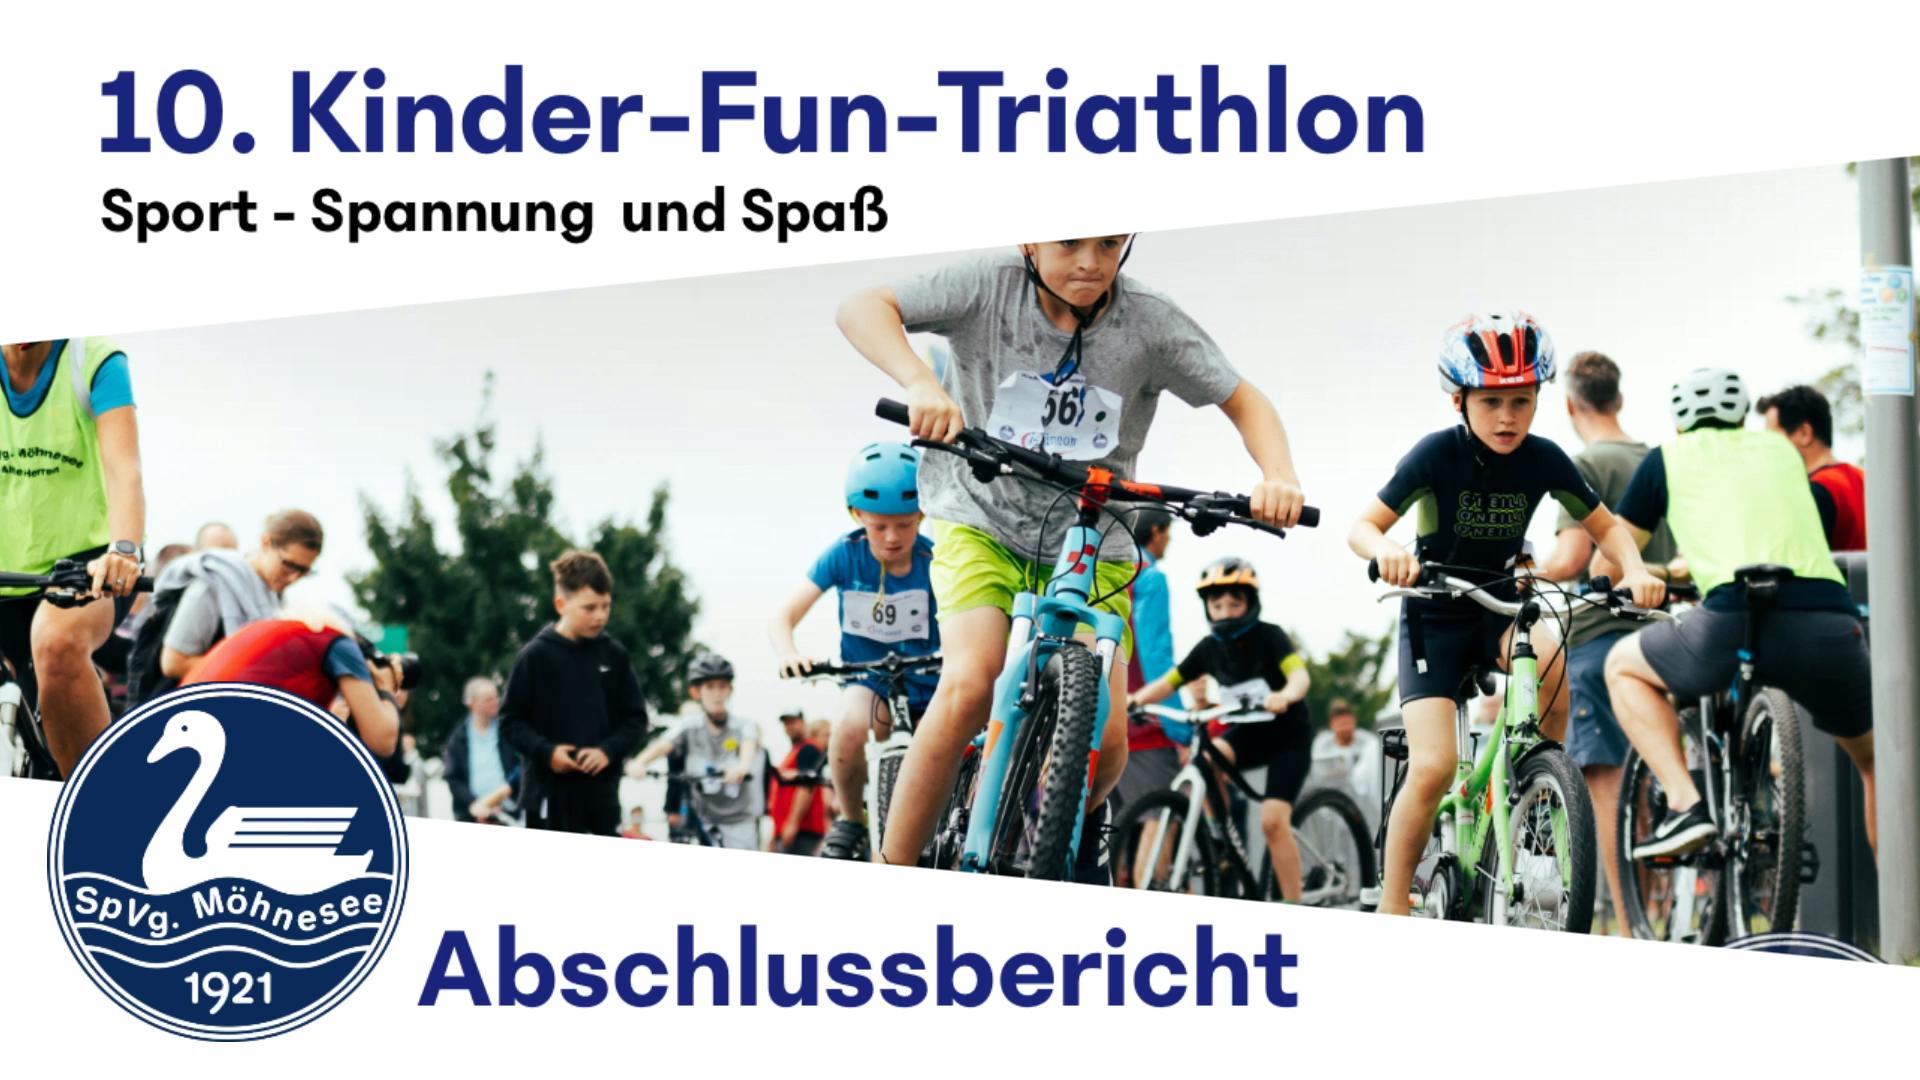 Über 150 Nachwuchssportler starteten beim Kinder-Fun-Triathlon